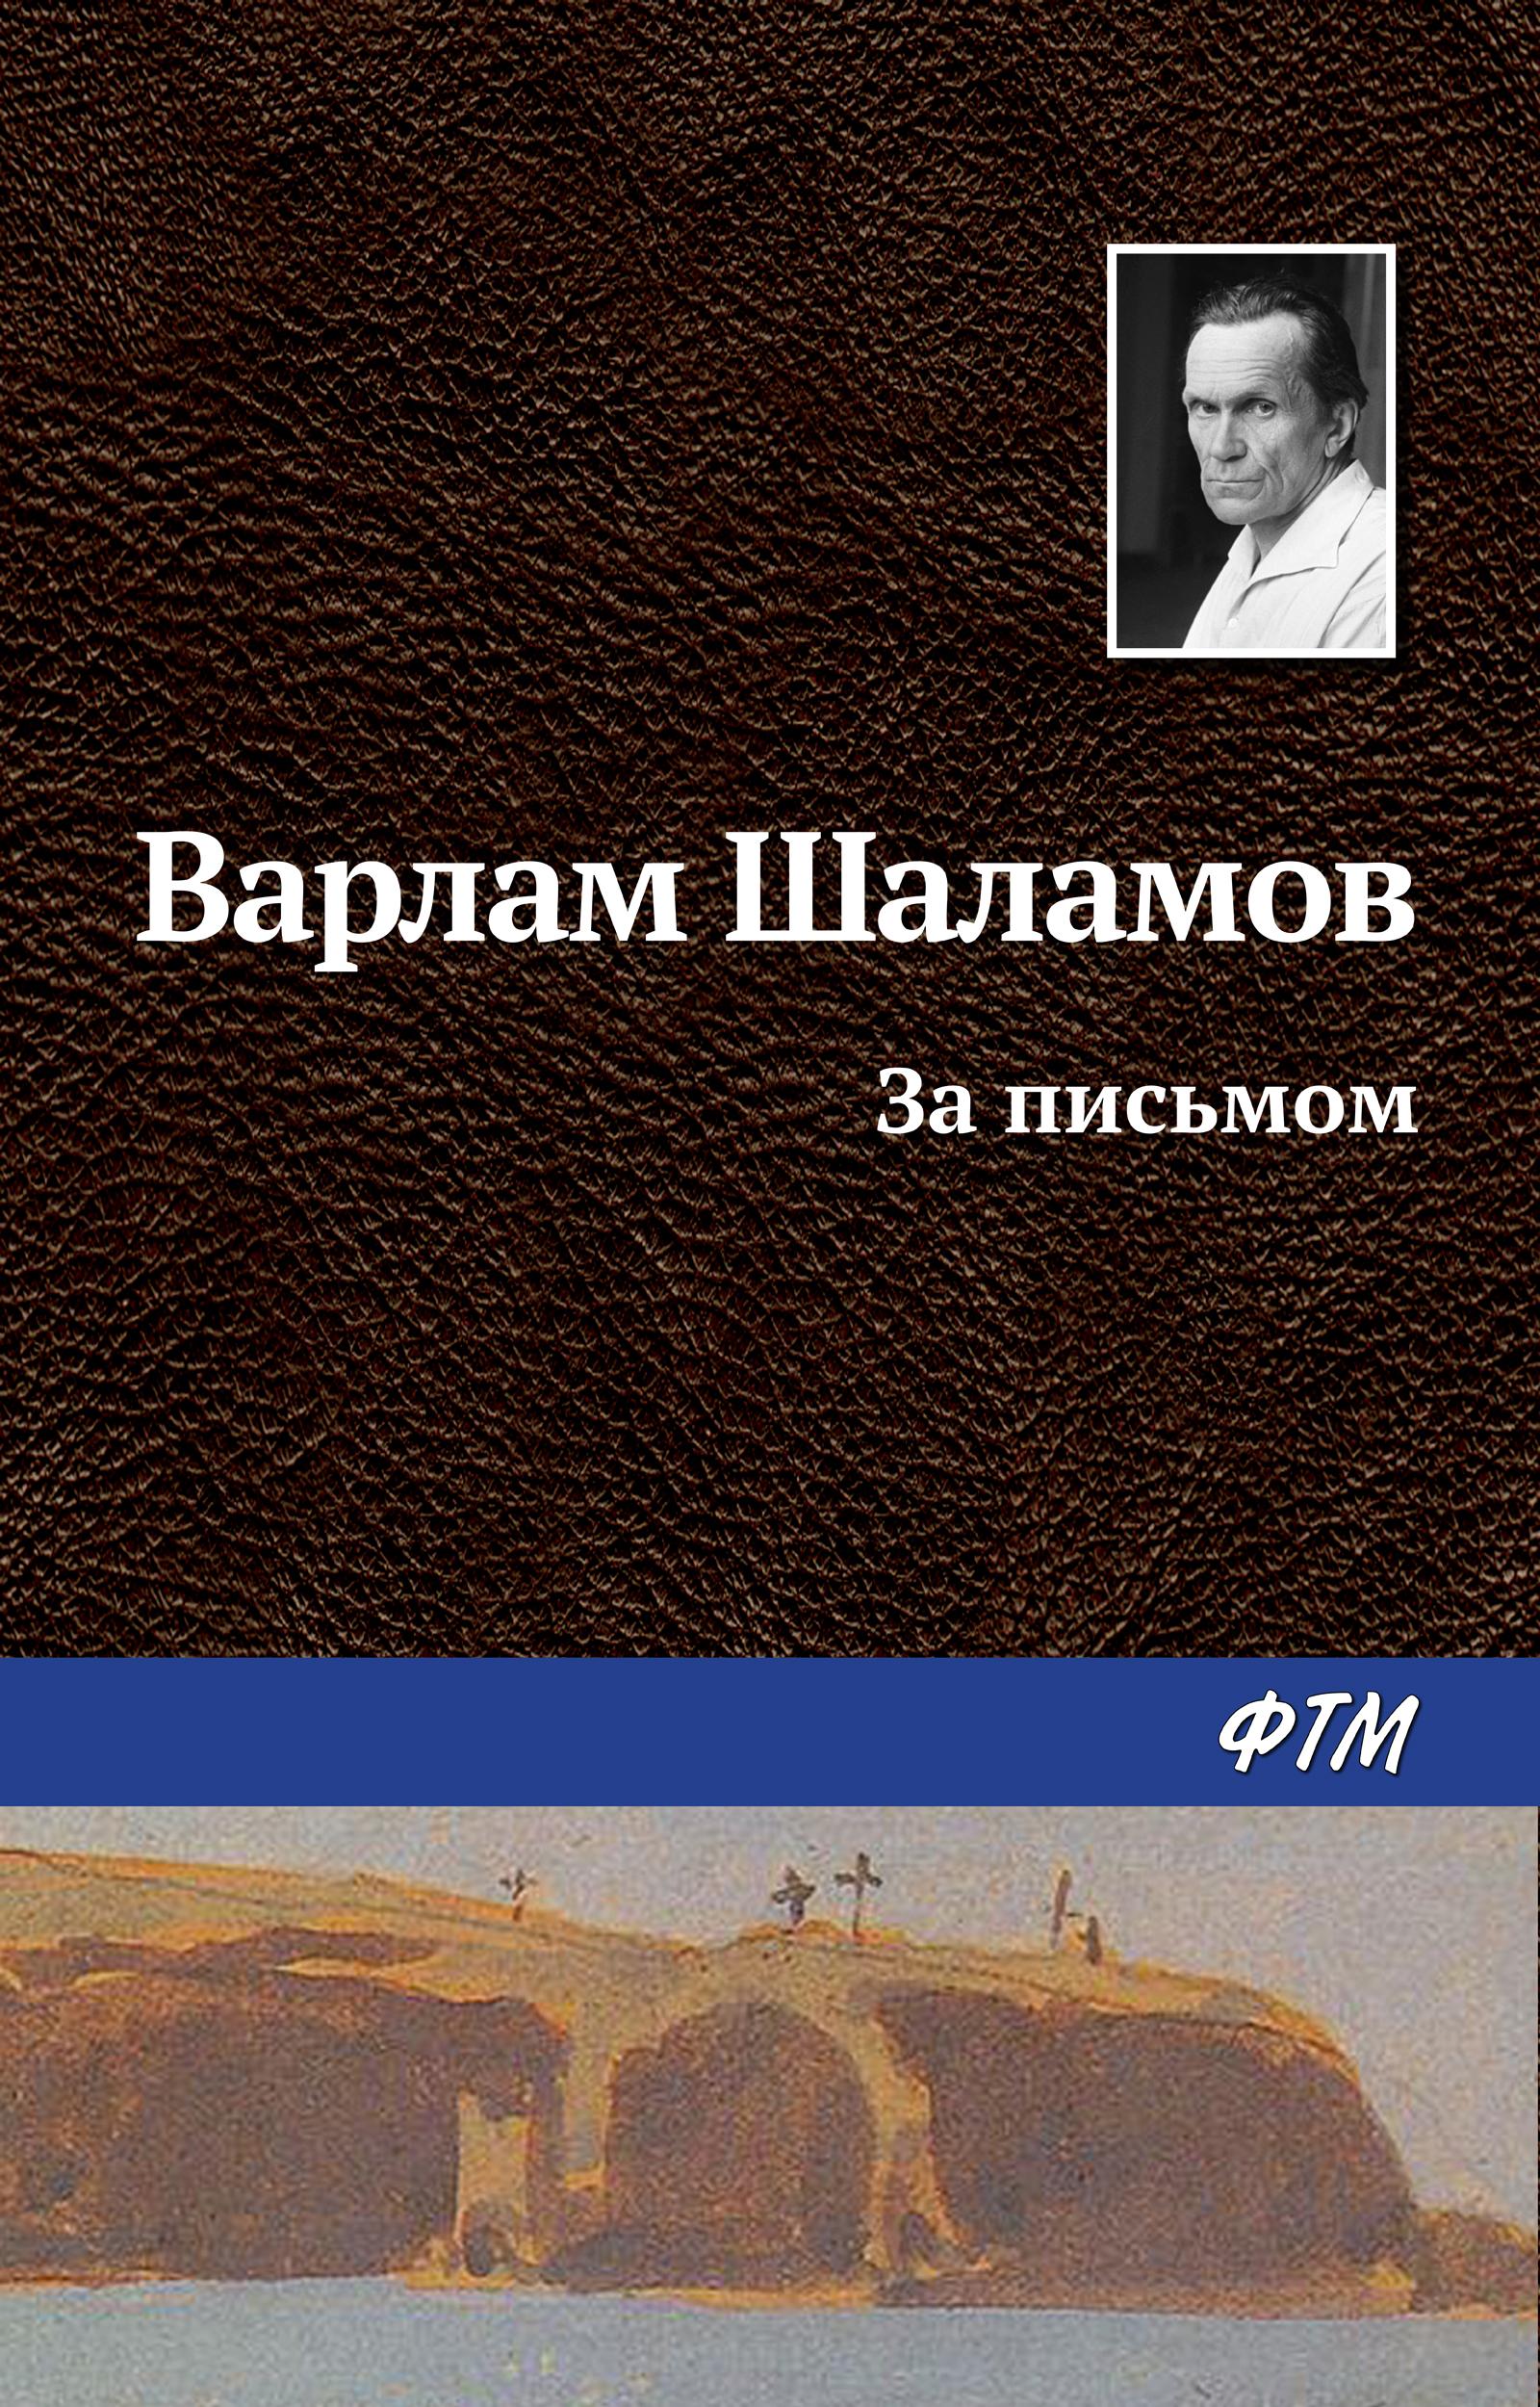 Варлам Шаламов За письмом